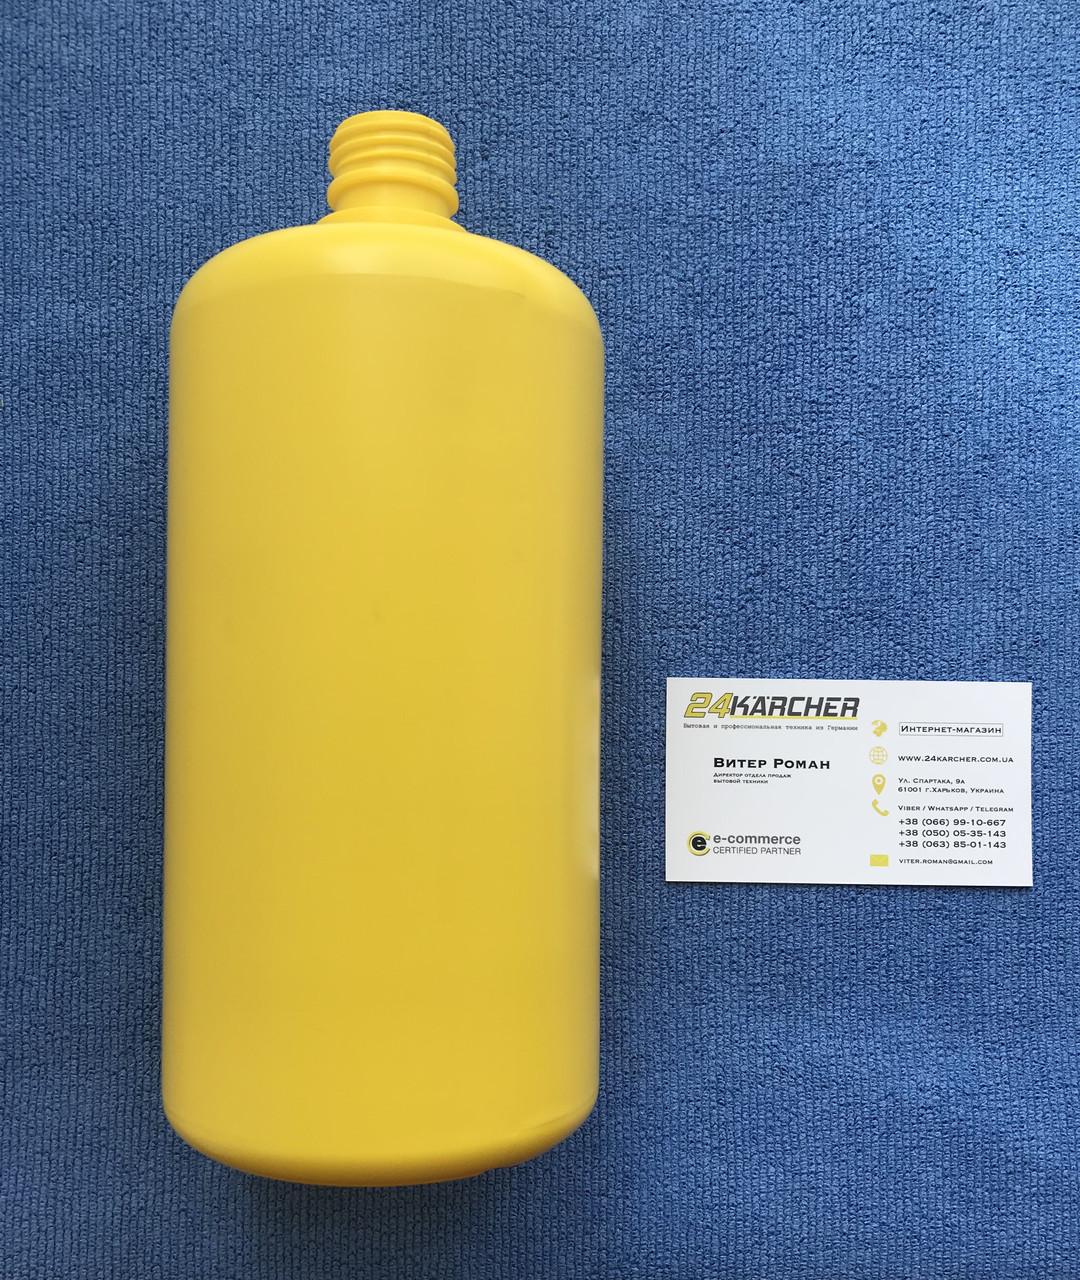 Бутылка для пенной насадки Karcher (жёлтая)